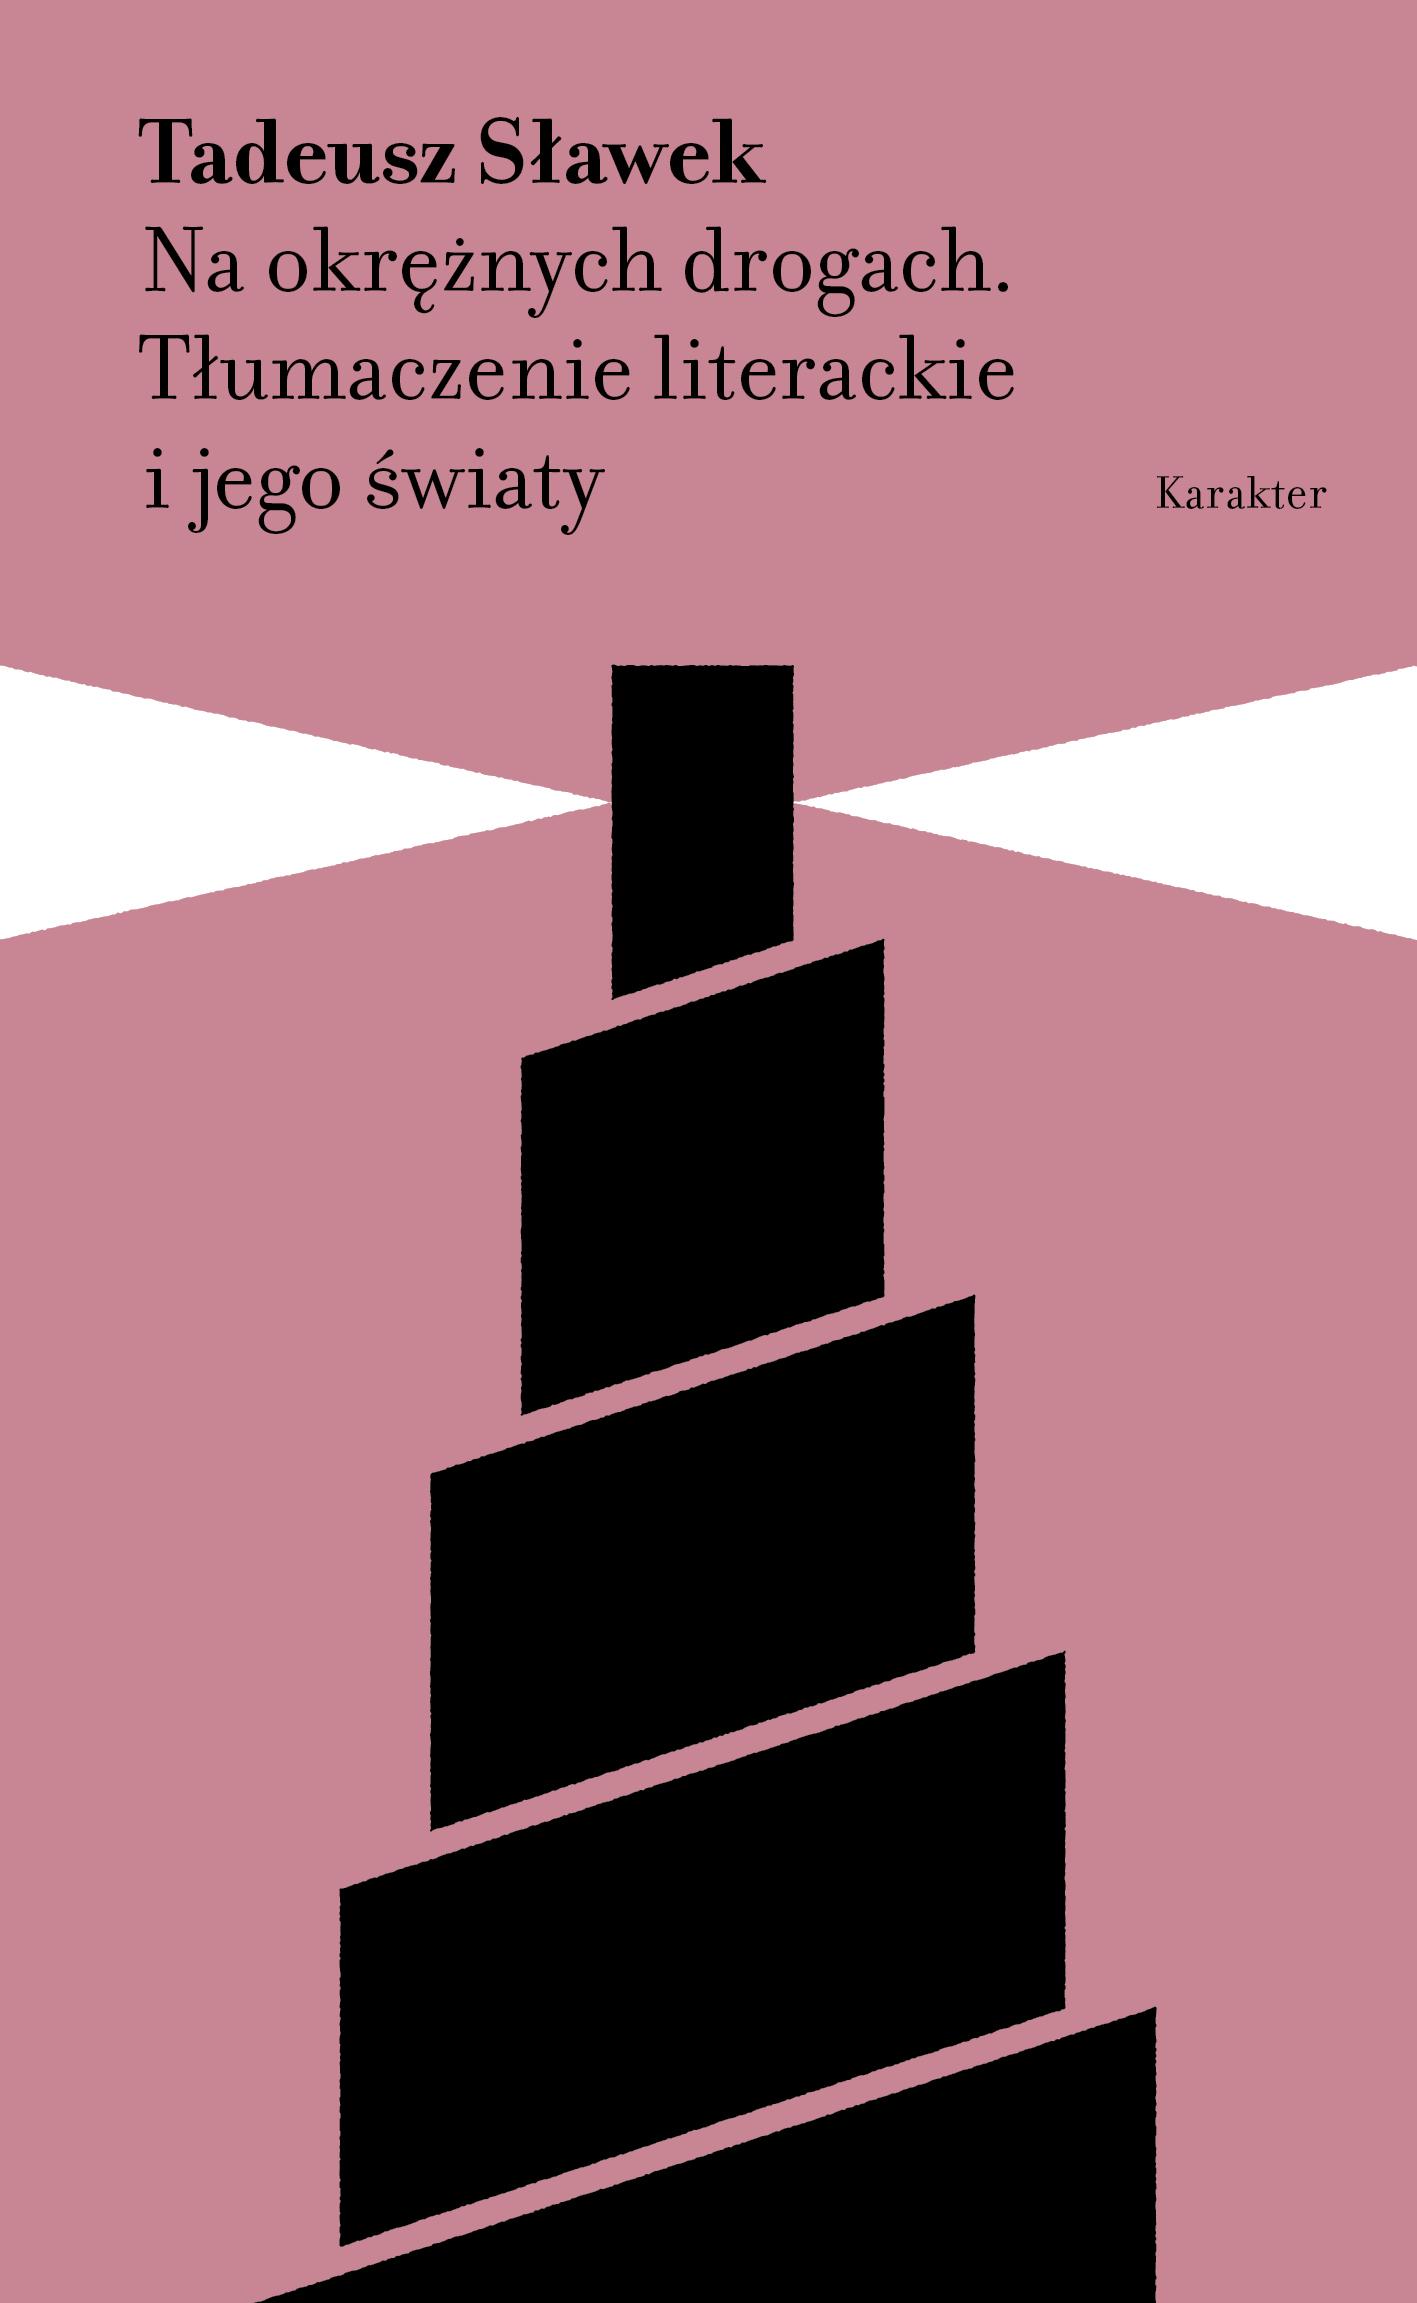 """Okładka książki: """"Na okrężnych drogach. Tłumaczenie literackie i jego światy"""" autorstwa Tadeusza Sławka. Okładka przedstawia latarnie morską."""